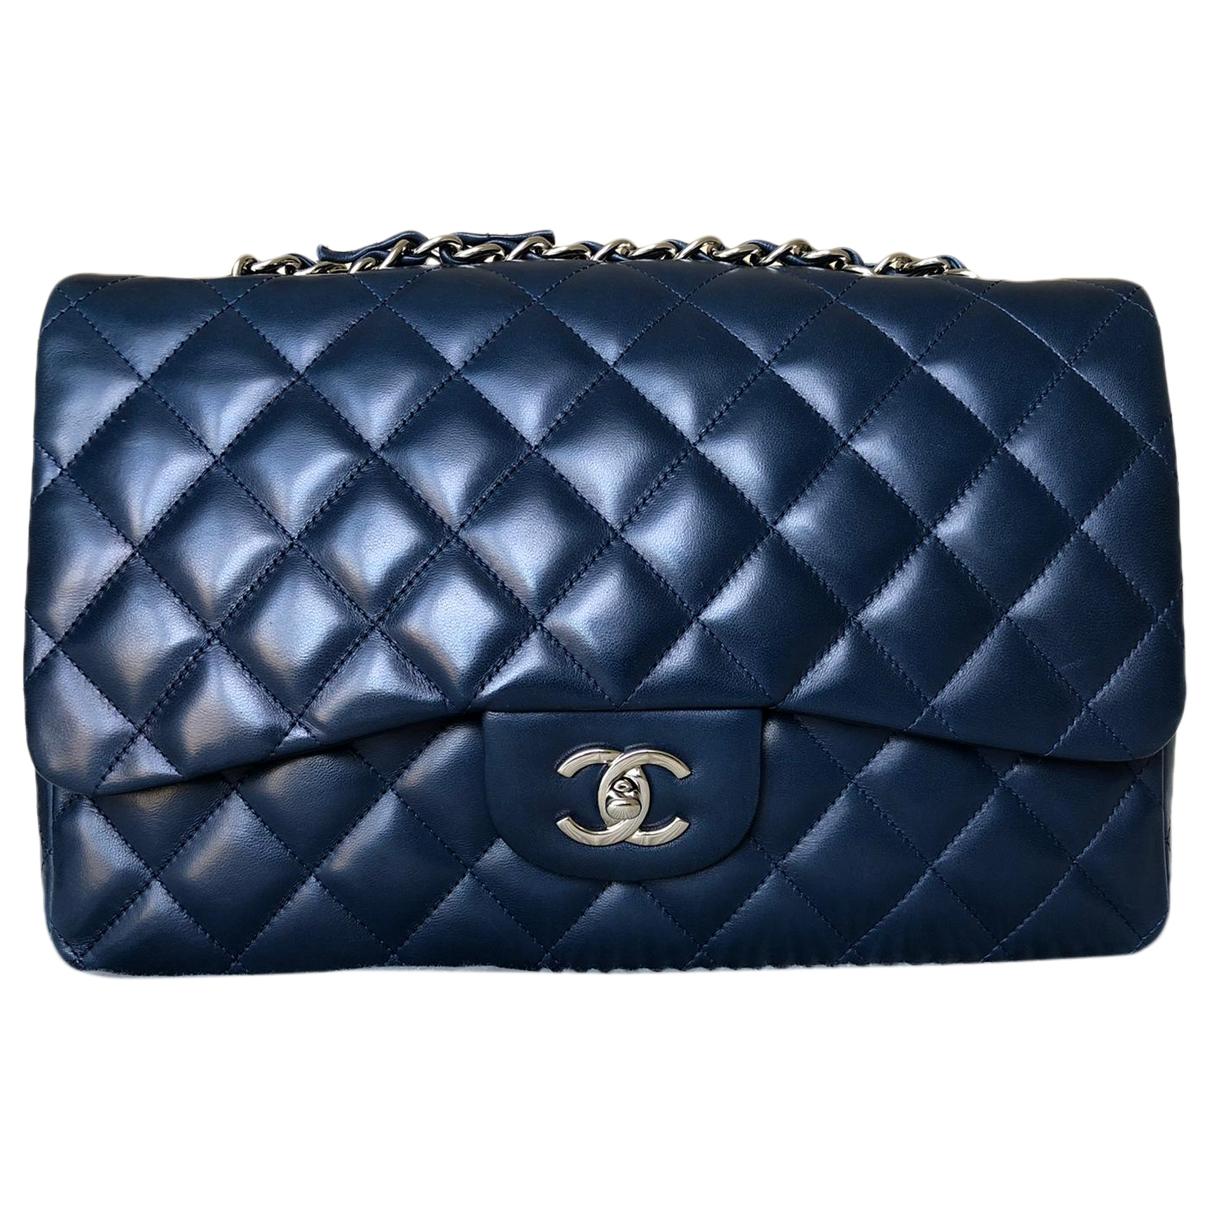 Chanel - Sac a main Timeless/Classique pour femme en cuir - marine